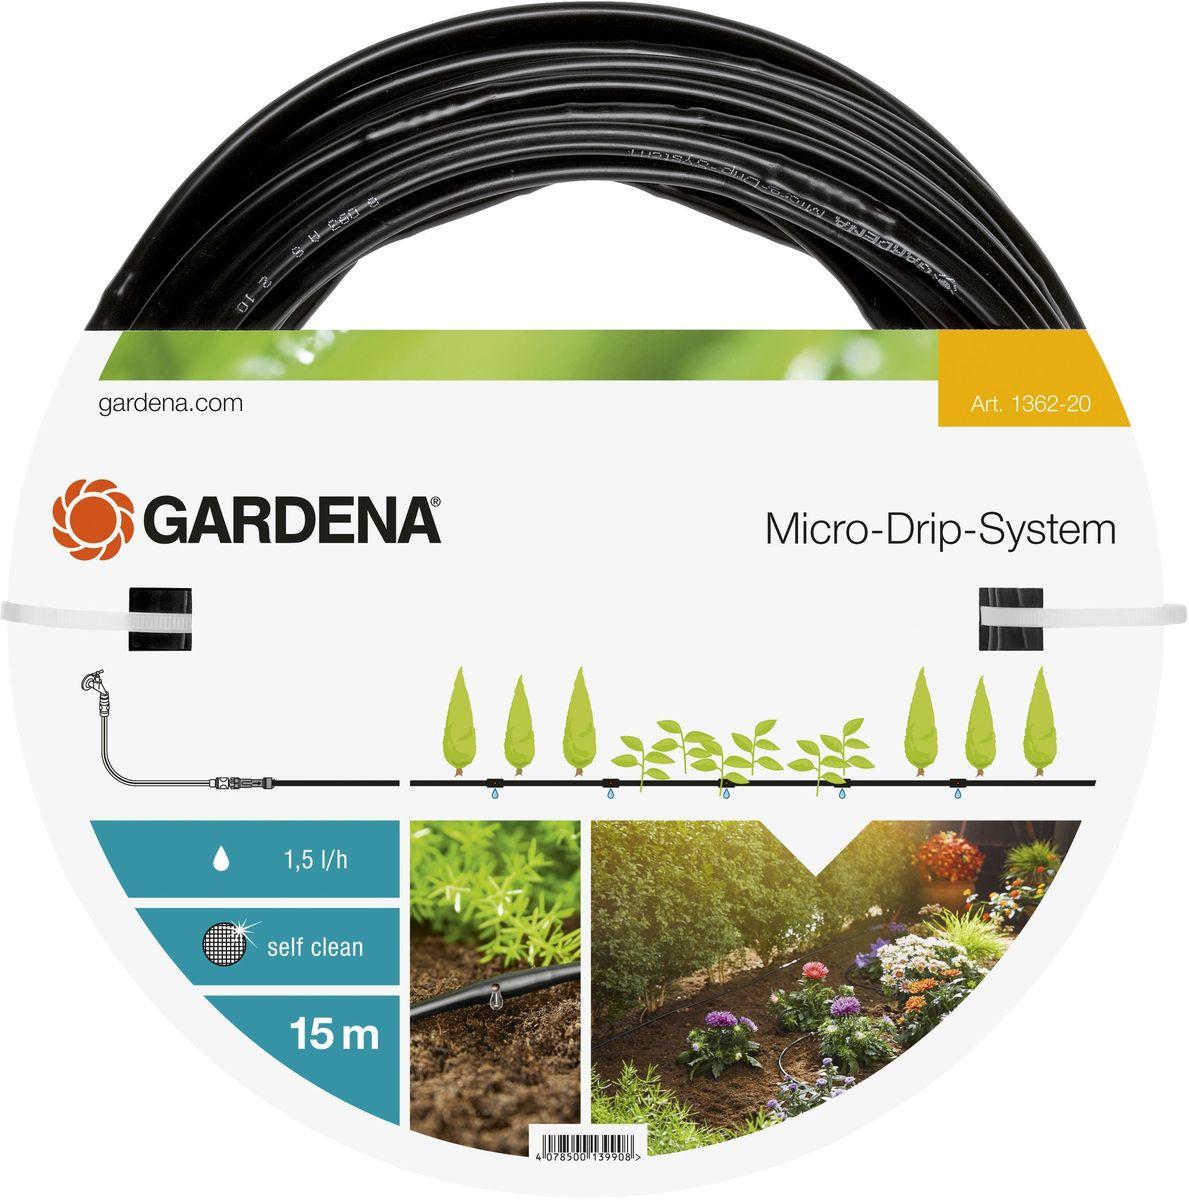 OZON.ru01362-20.000.00Шланг сочащийся GARDENA предназначен для полива небольших участков с цветами или овощами, а также для полива посаженных в ряд растений. Расстояние между отверстиями составляет 30 см. Каждая капельница обеспечивает бережный полив с расходом воды 1,5 л/ч. Благодаря использованию инновационной лабиринтной технологии, капельницы являются самоочищающимися. Благодаря небольшому диаметру 4,6 мм (3/16 дюйма) шланг характеризуется особой многофункциональностью и простотой монтажа. При помещении мастер-блока в центре с помощью такого шланга можно увеличить длину базового комплекта арт. 1361-20, максимальная длина шланга при этом составит 30 м. Шланг сочащийся имеет длину 15 м и поставляется без соединительных элементов.